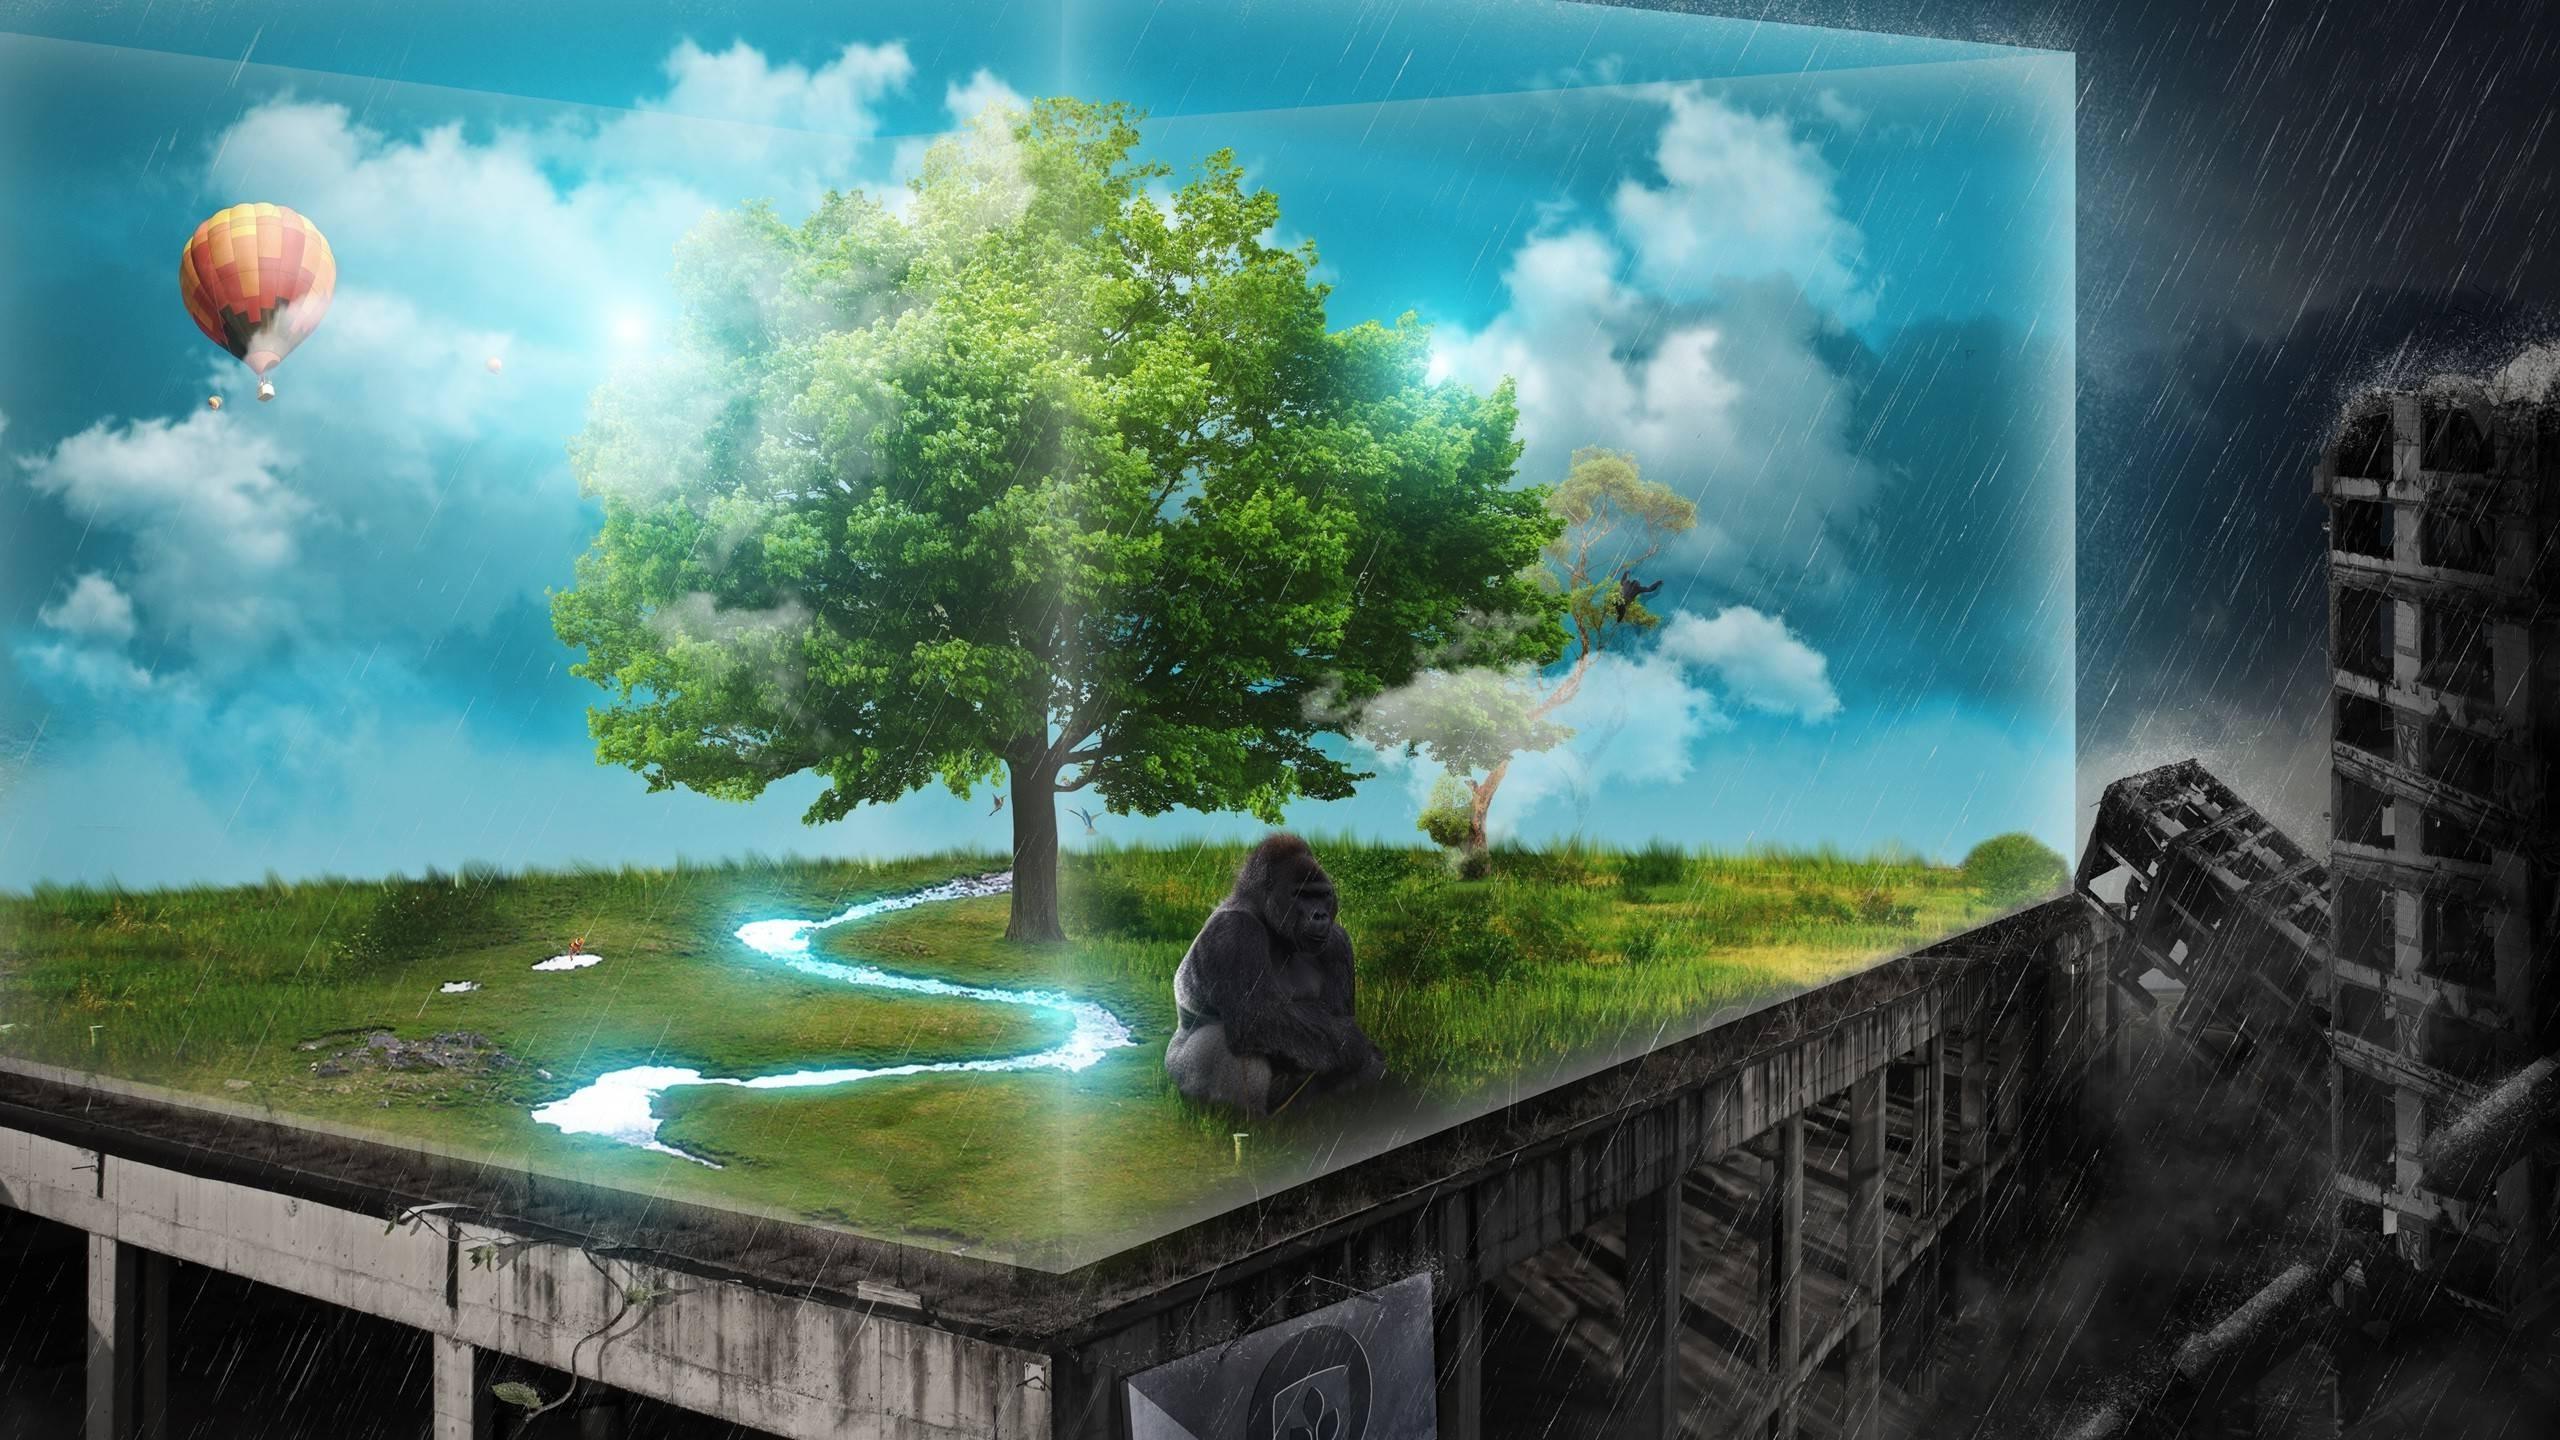 Full Hd Sad Nature Hd - HD Wallpaper